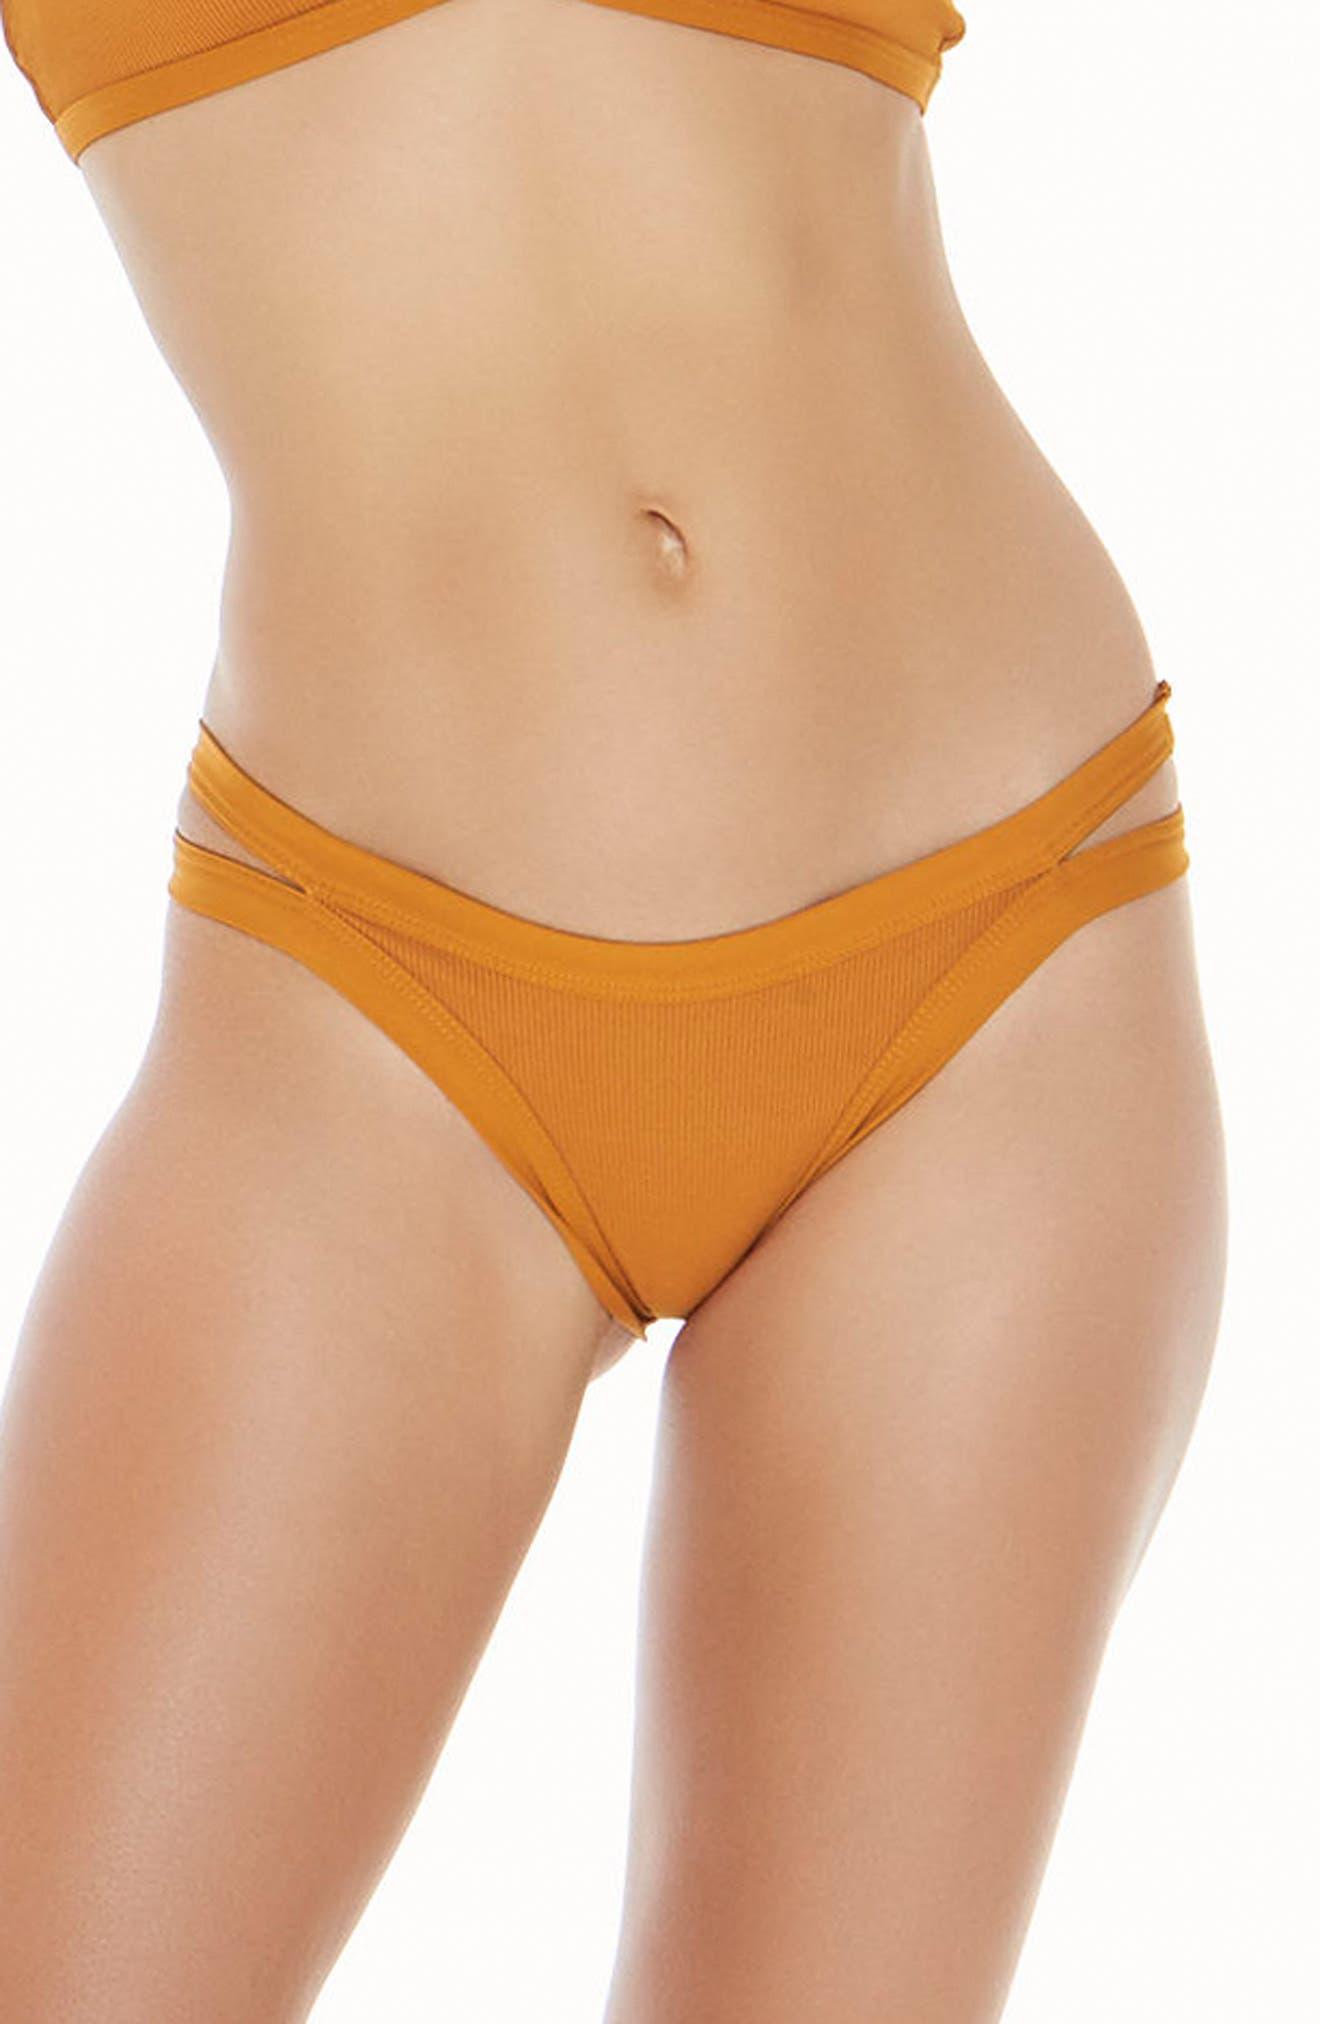 Ridin' High Charlie Classic Bikini Bottoms,                         Main,                         color, Inka Gold